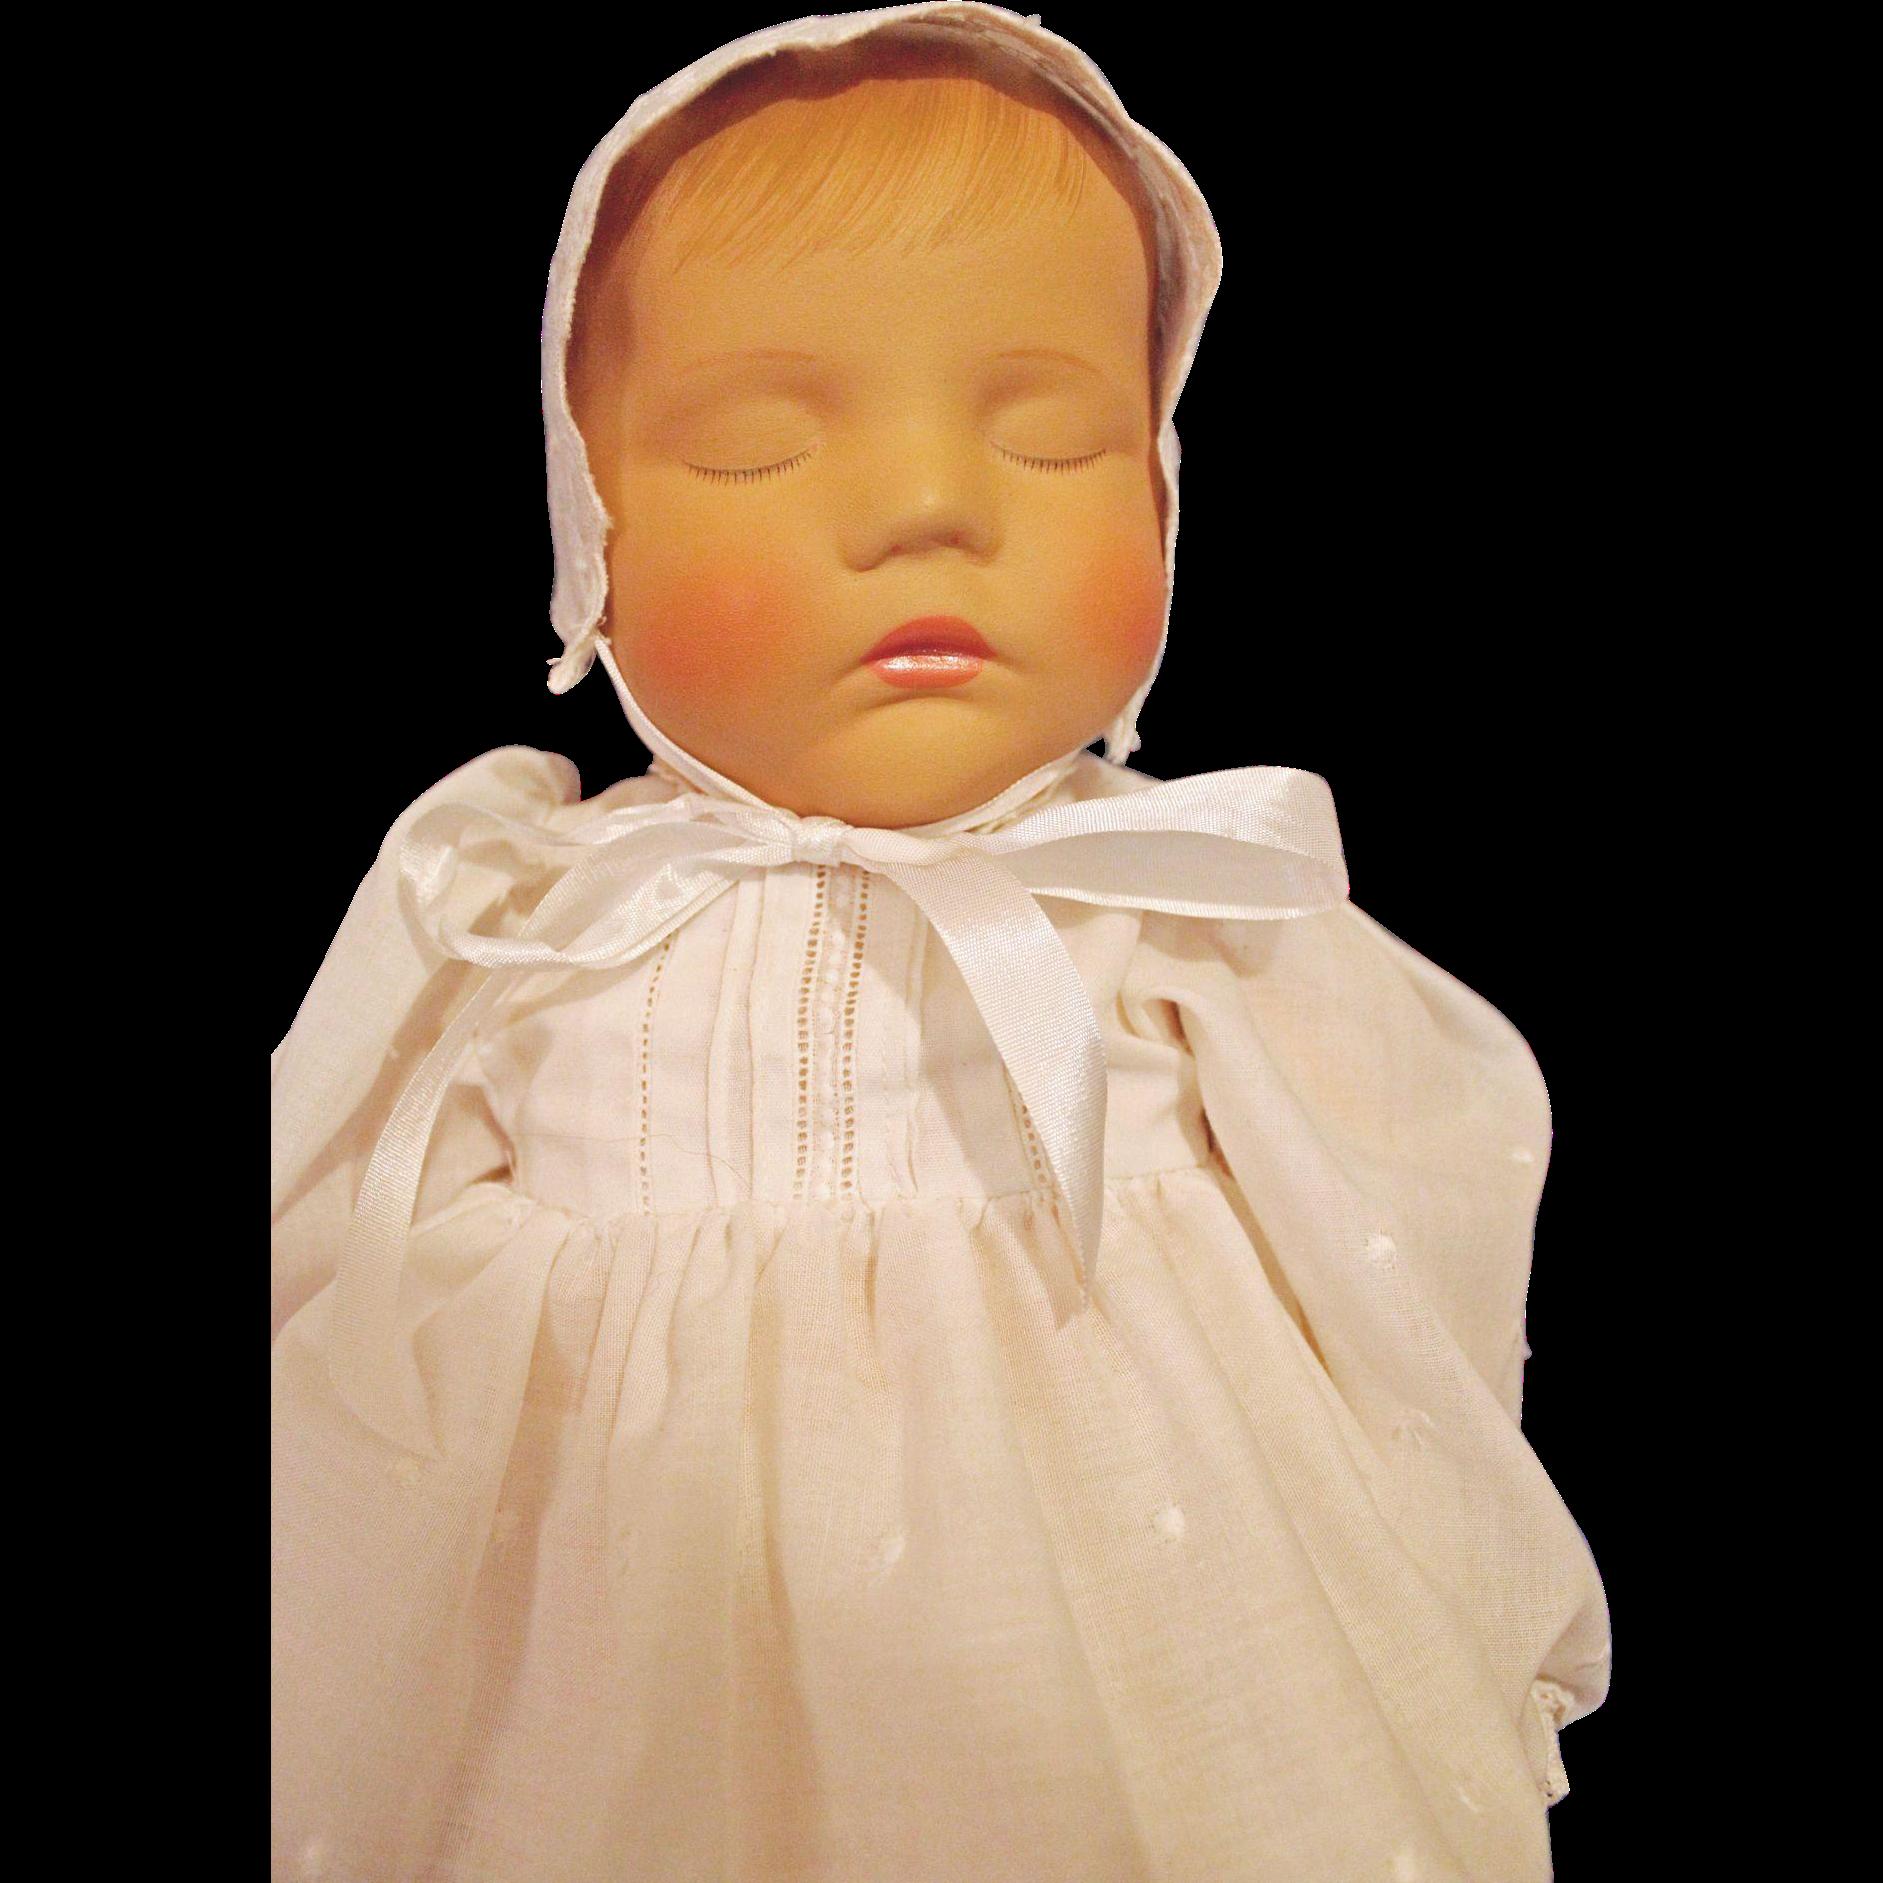 Kathe Kruse Traumerchen Baby Doll